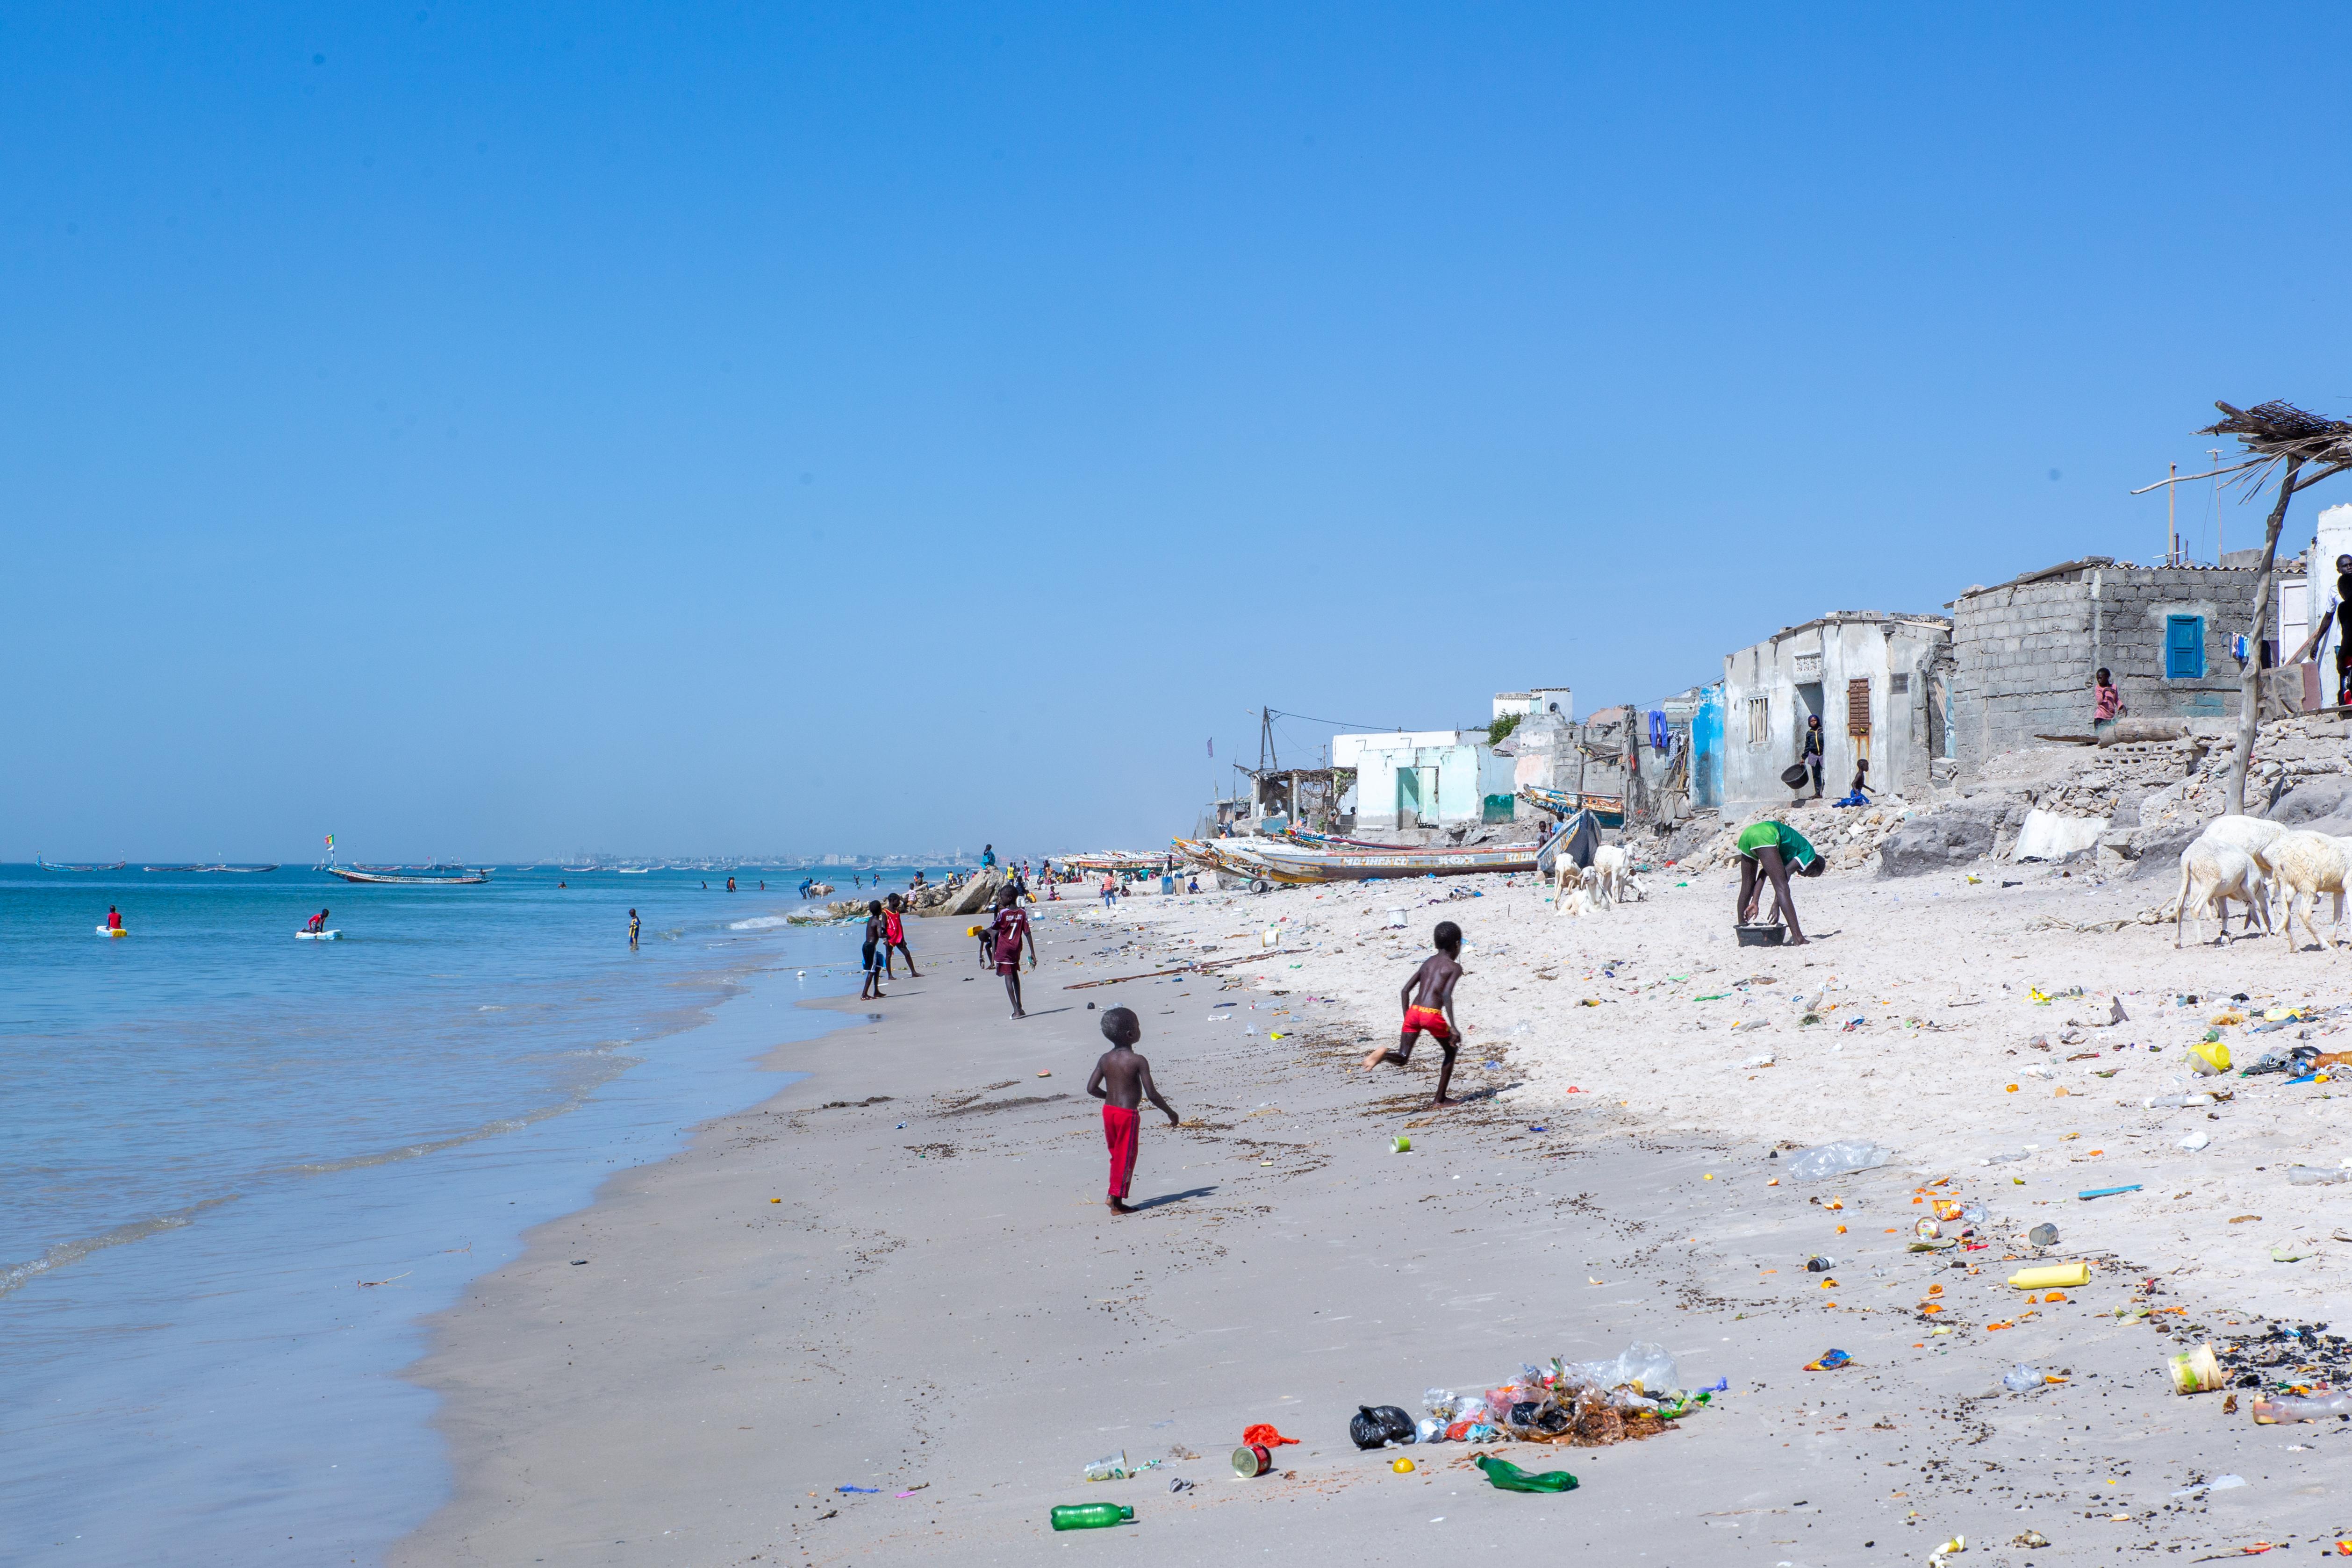 Children play on a beach in Senegal near several homes.